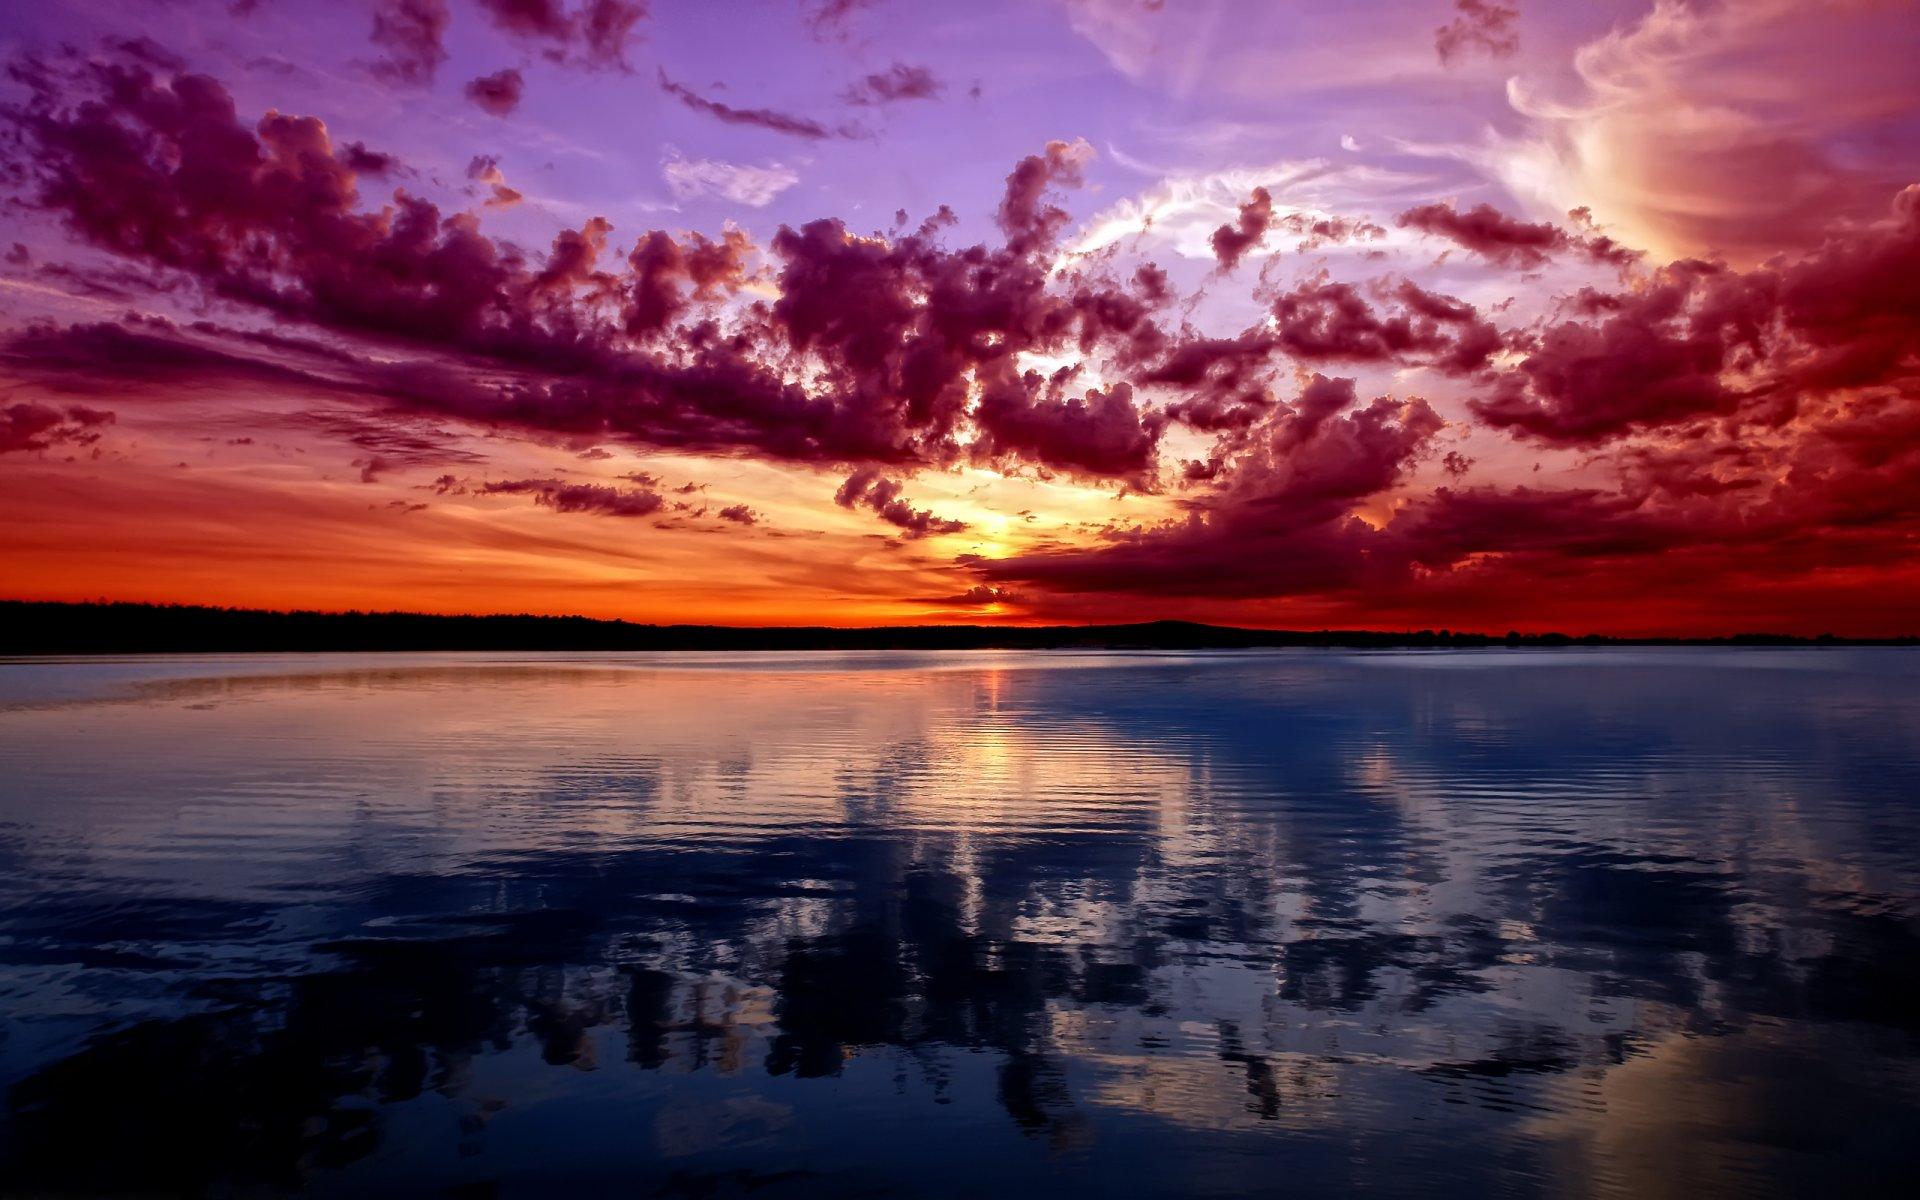 красивый закат фото хорошего качества будет жизни путь